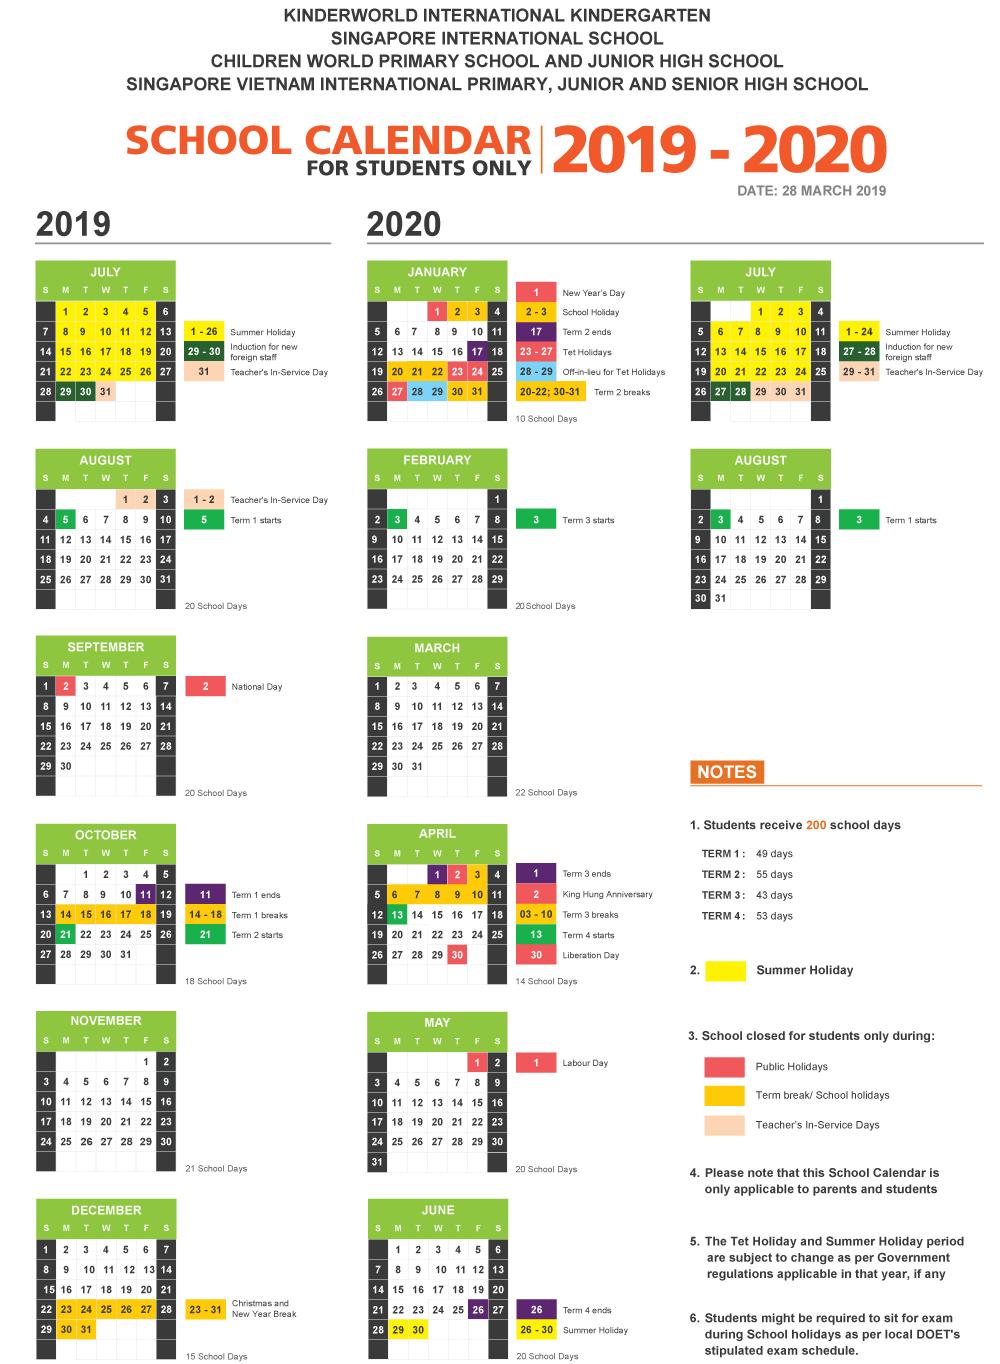 School_Calendar_2018_2019_KIK_SIS